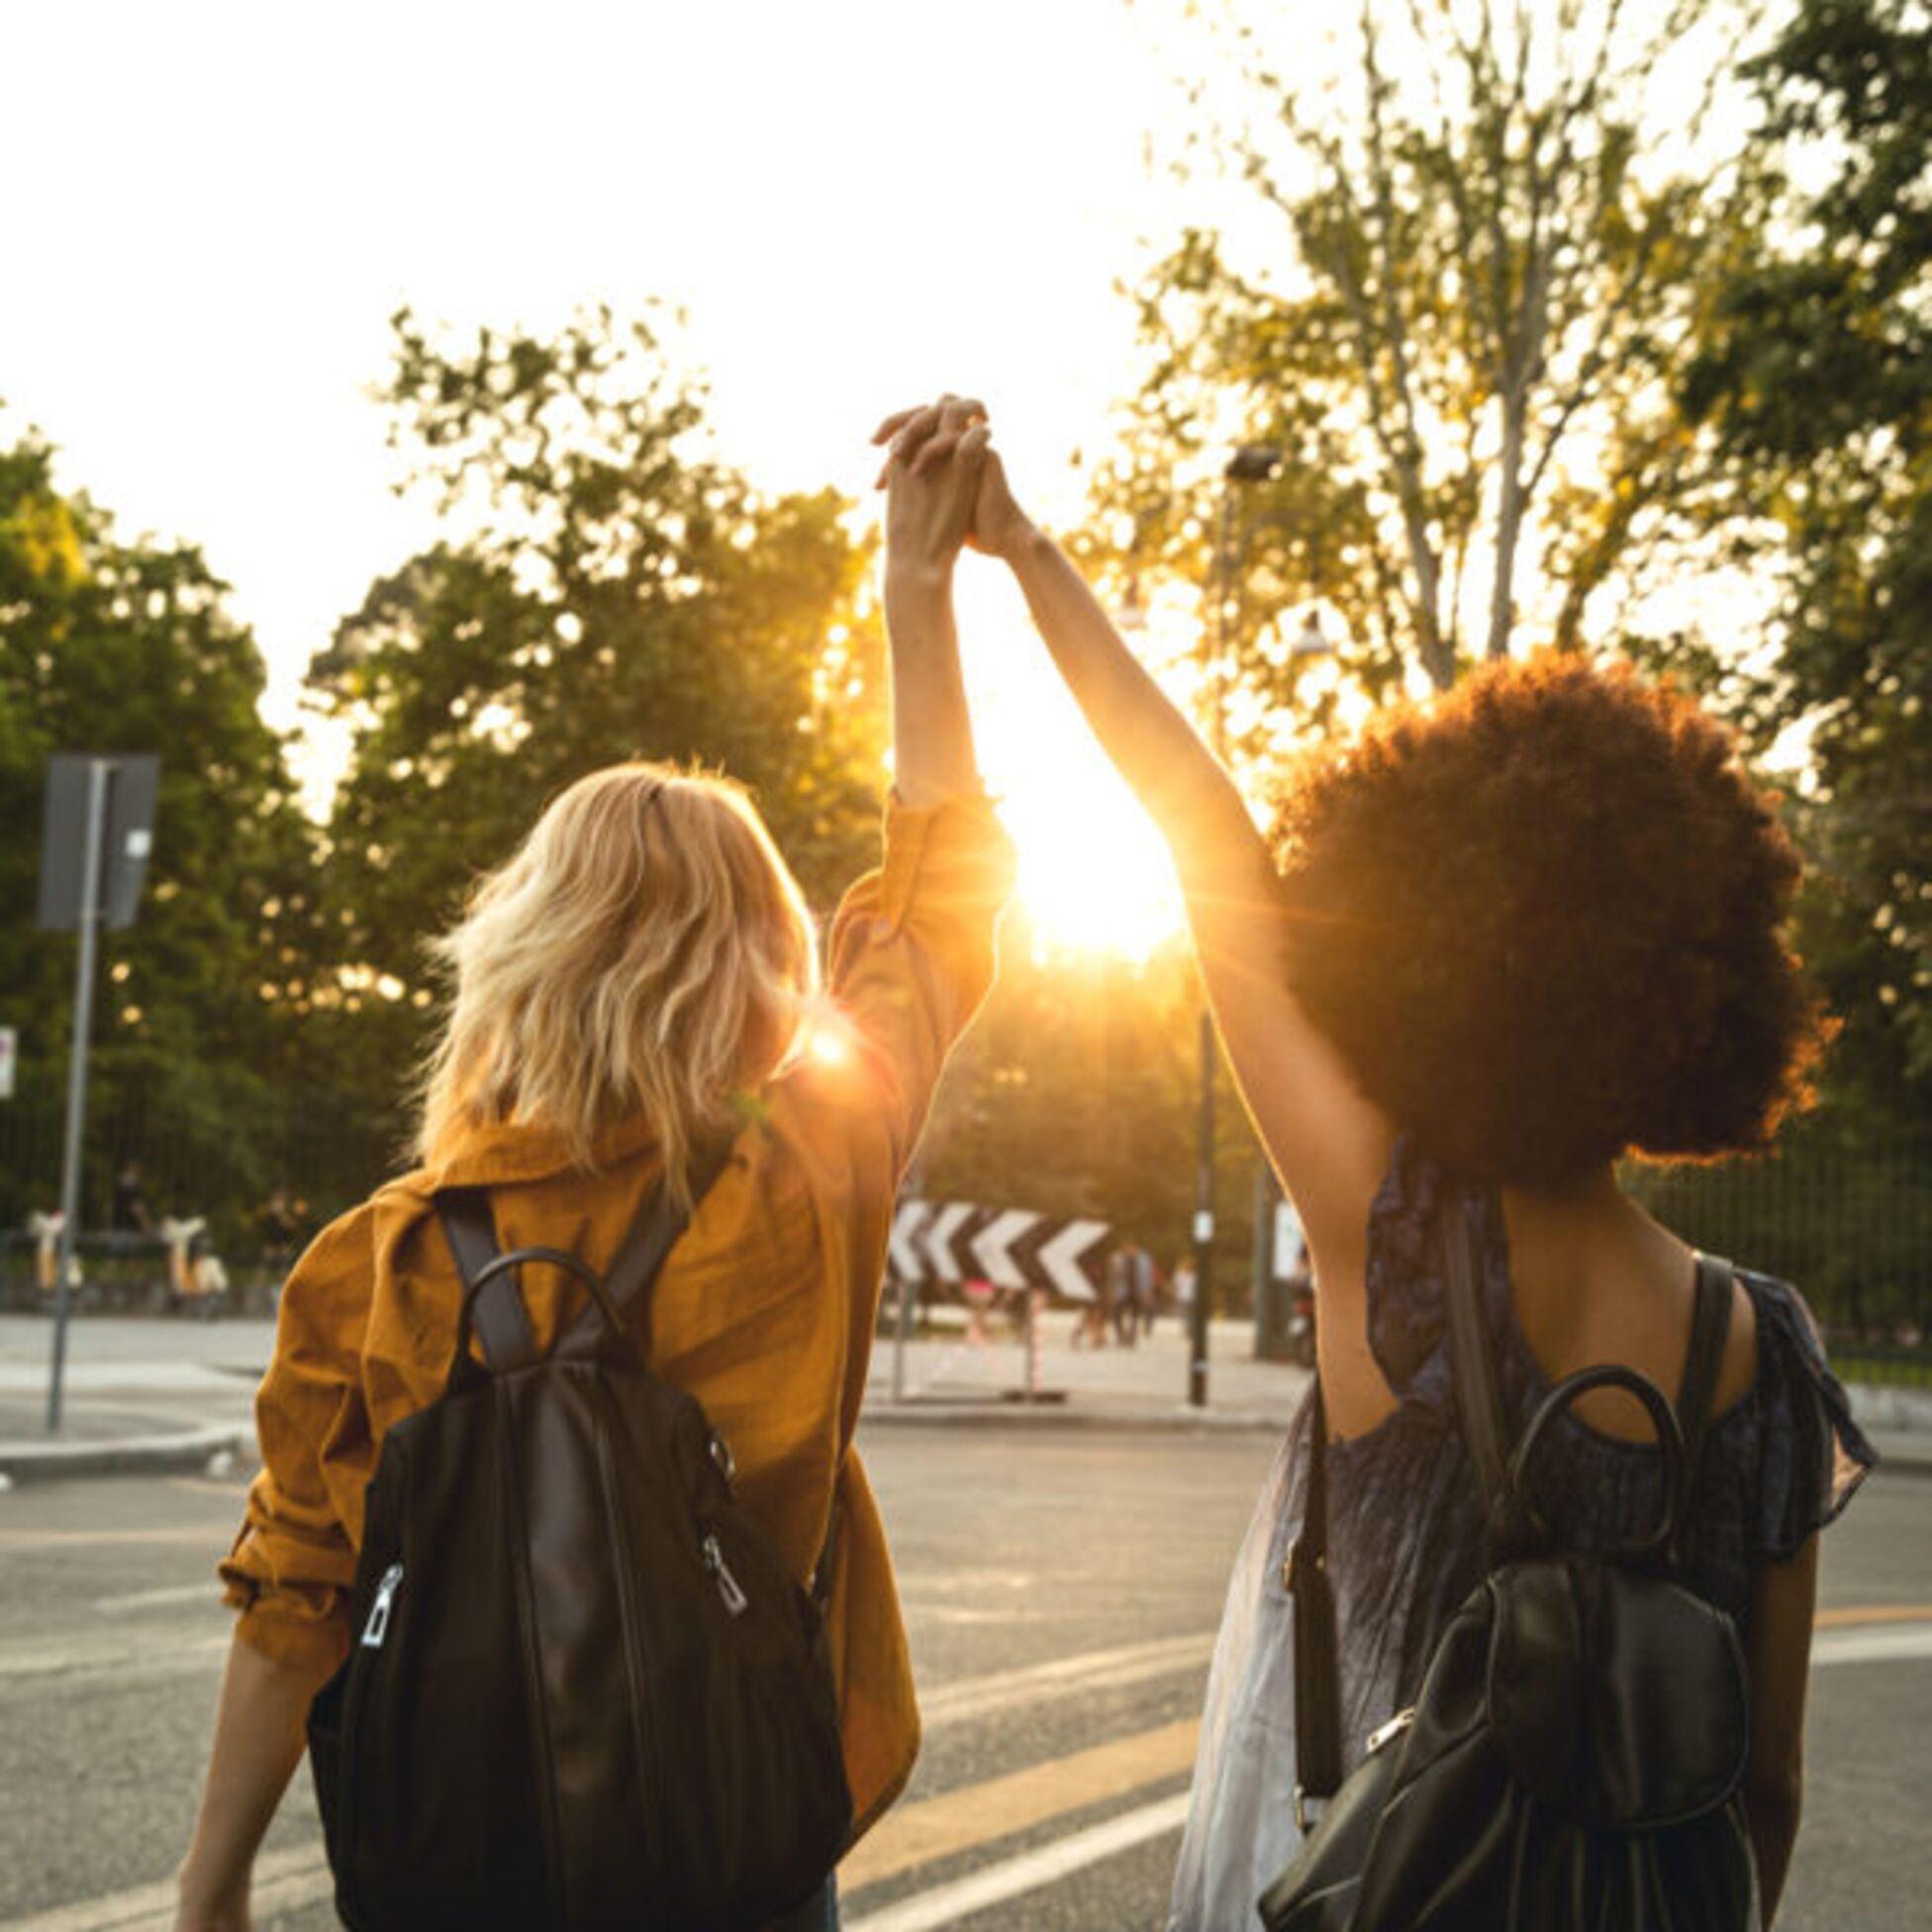 Freundschaft nach dem Umzug